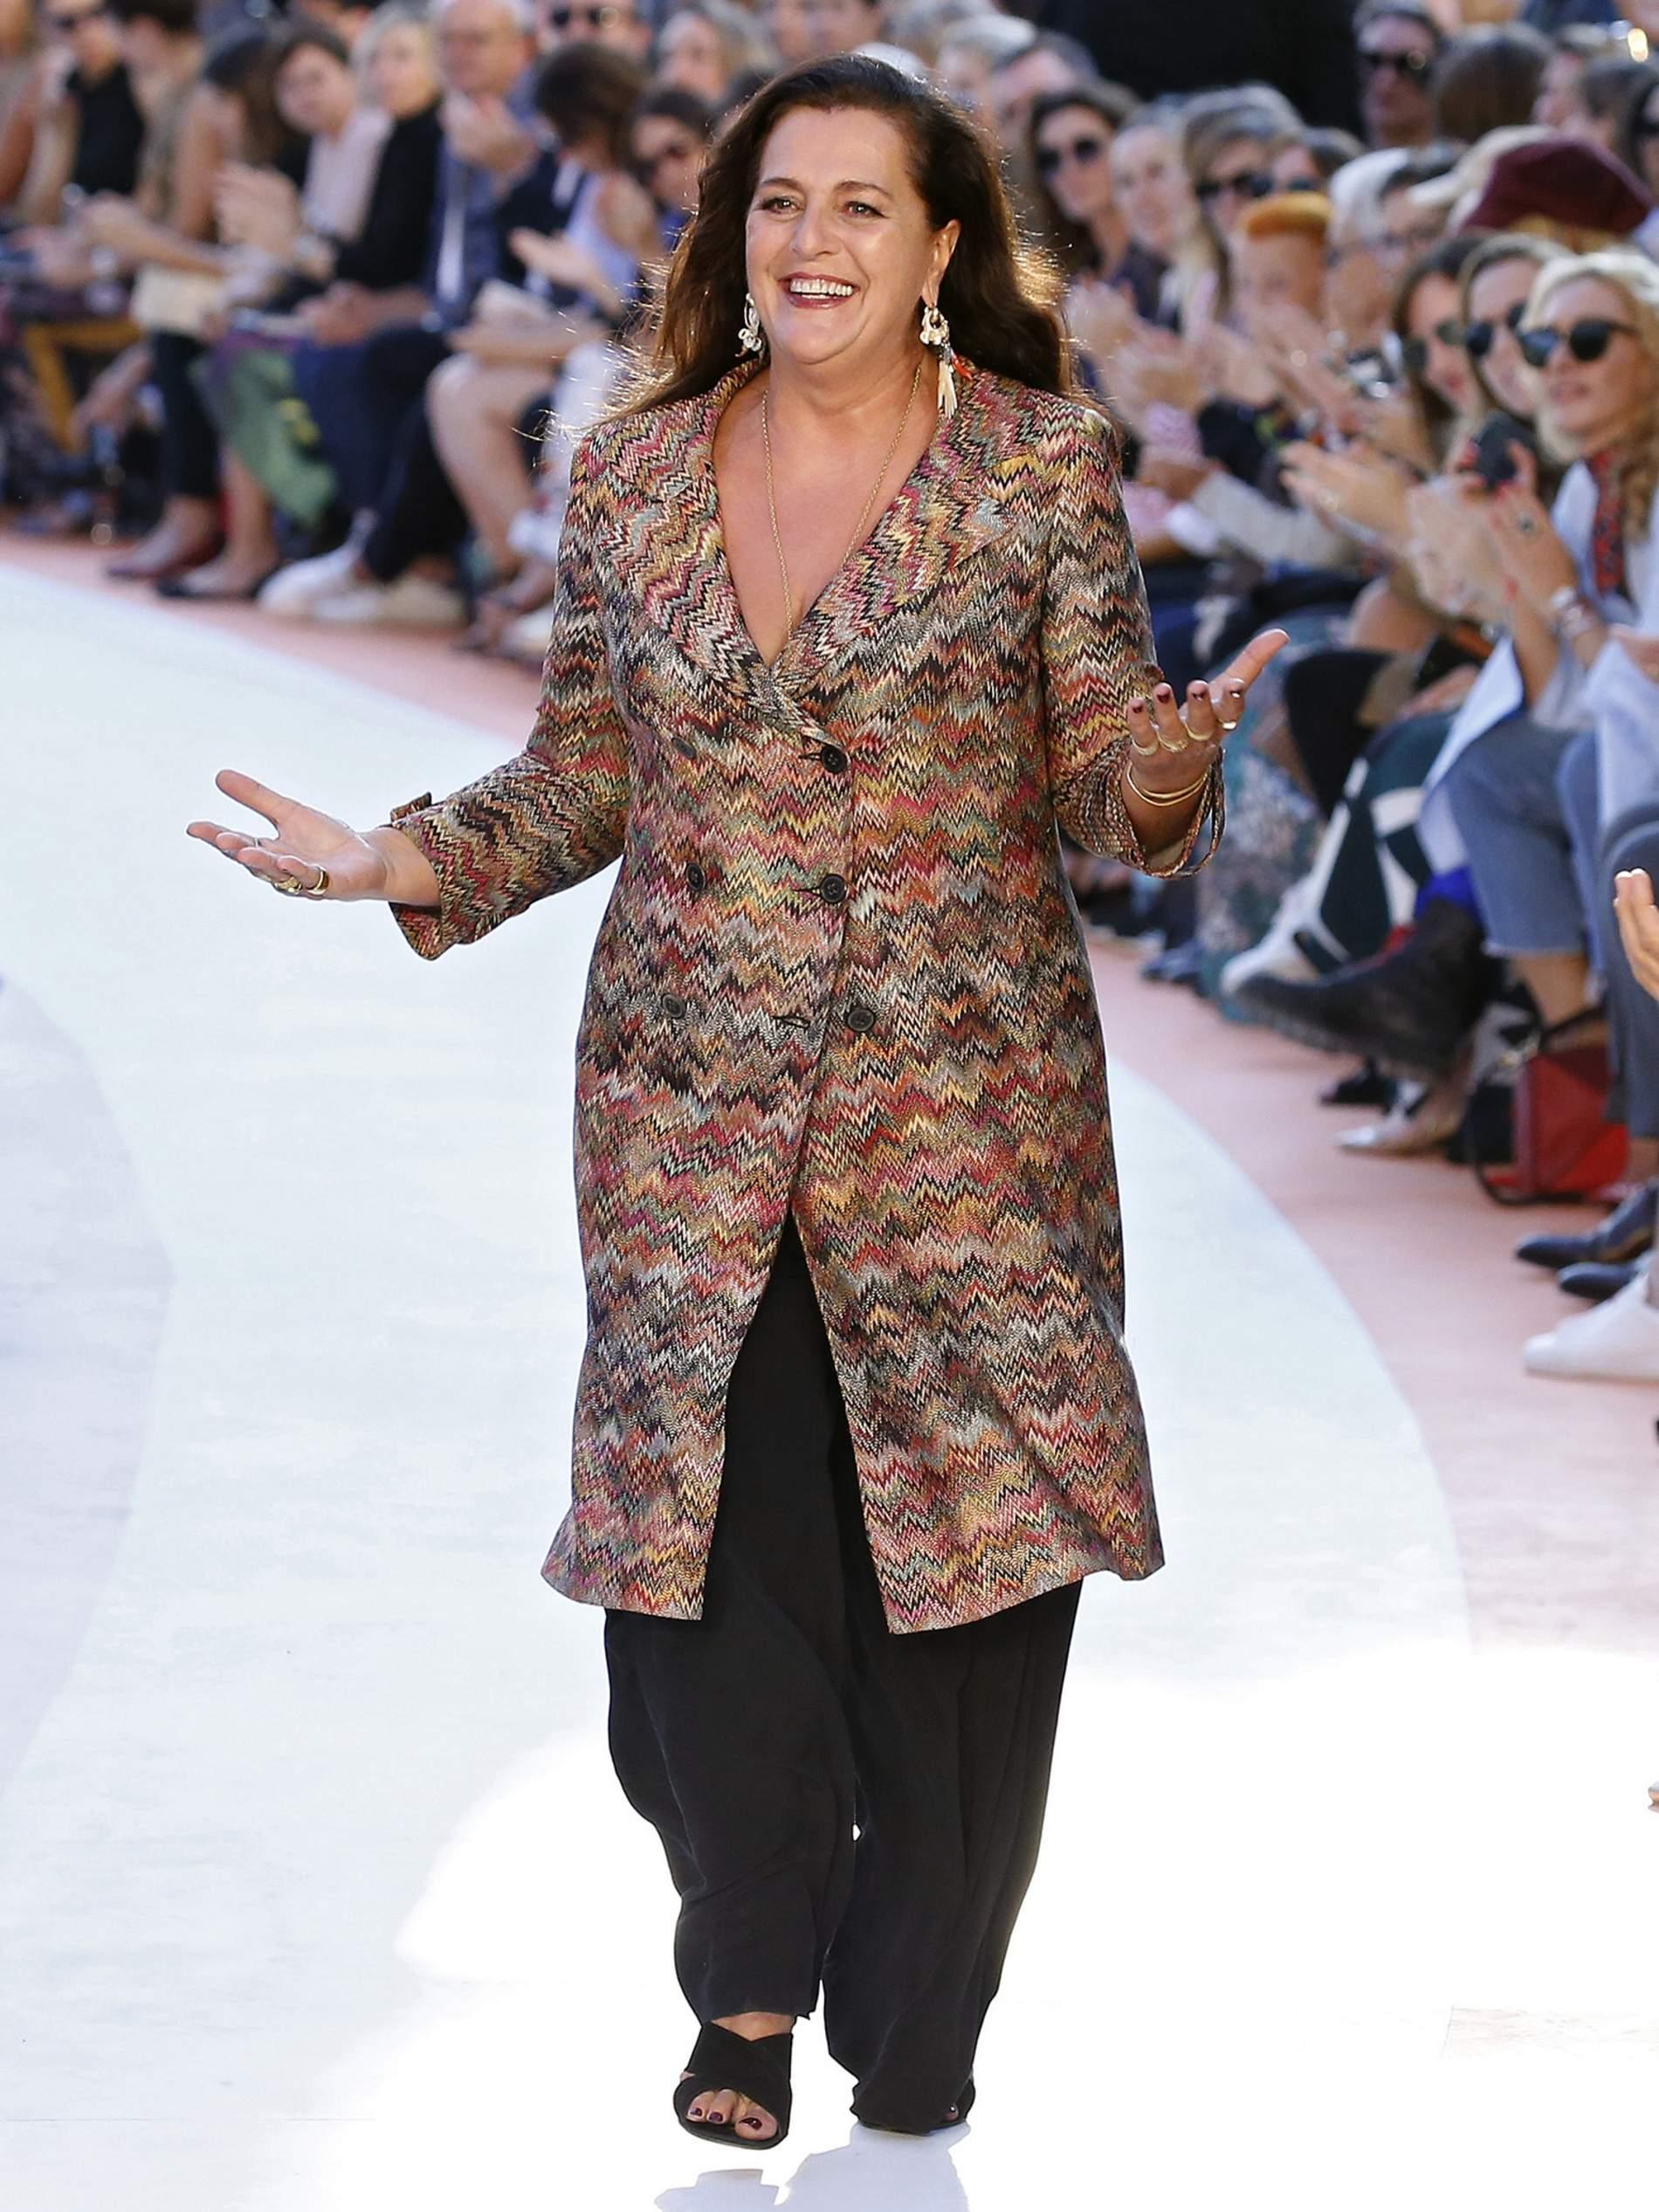 ff119af969d3 Angela Missoni  The Designer Shares The Golden Rules She Lives By ...